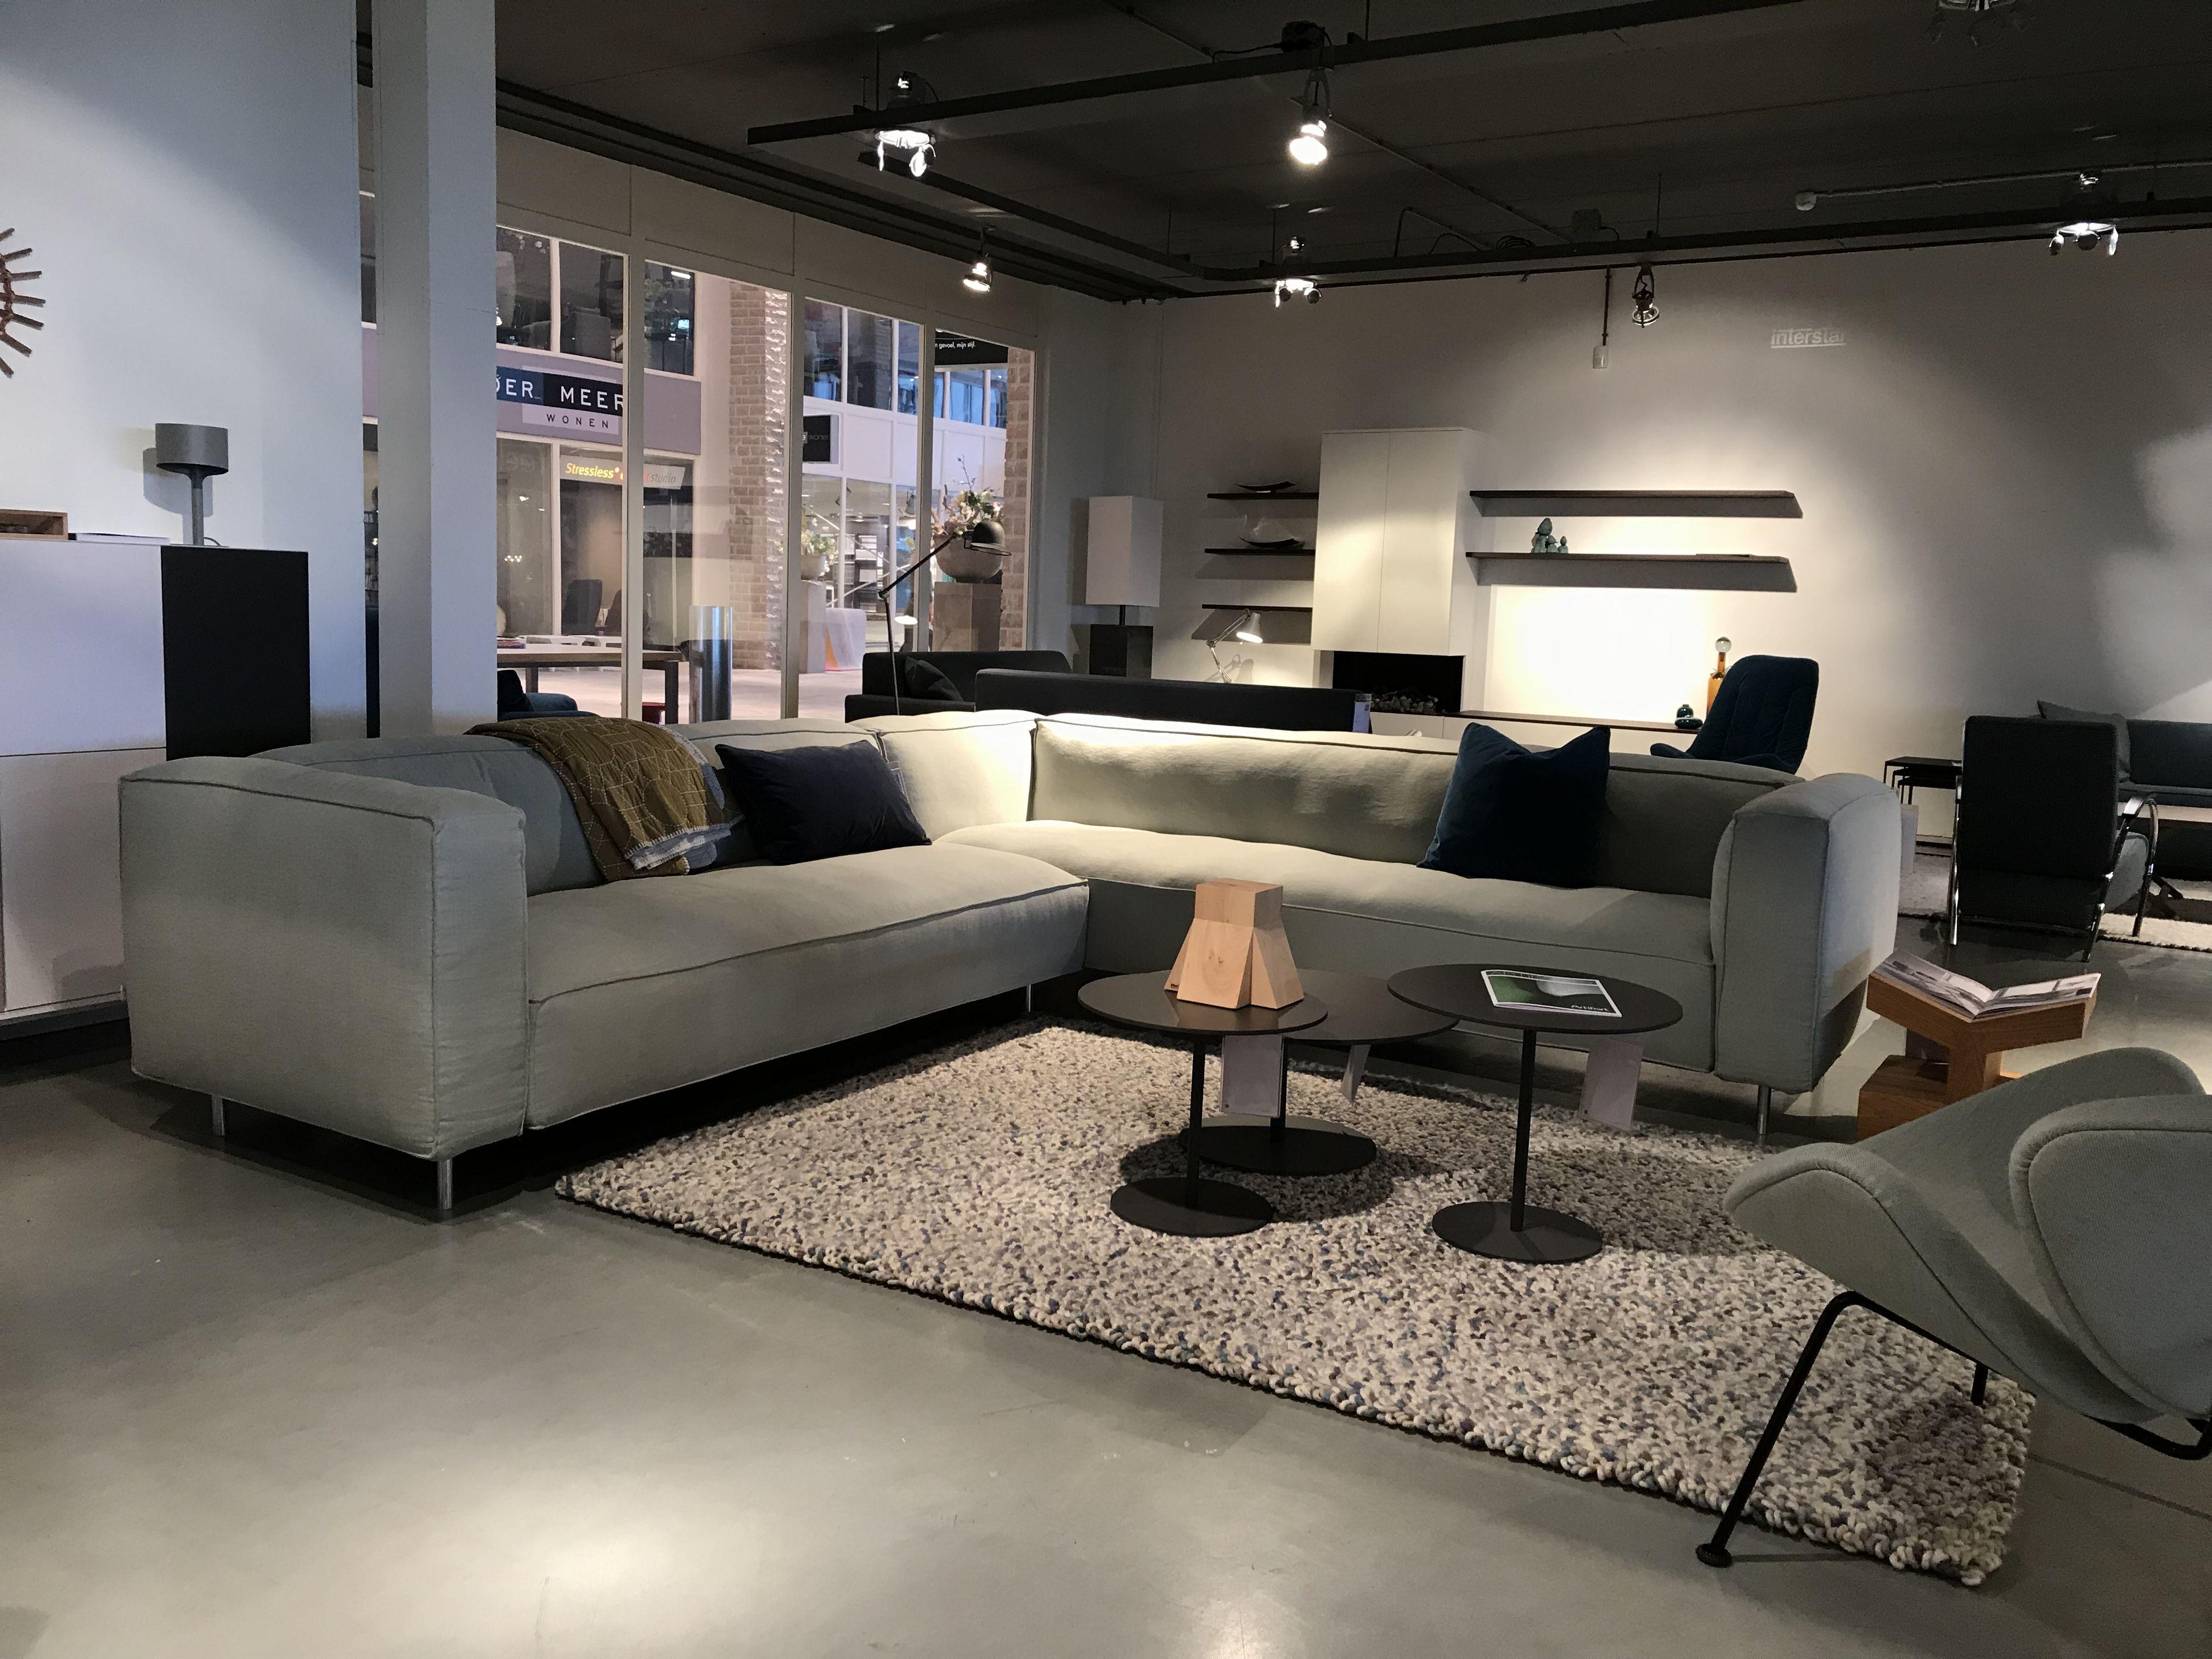 Gelderland Hoekbank 7330.Gelderland Bank 6400 Design Henk Vos Designliving In Sneek